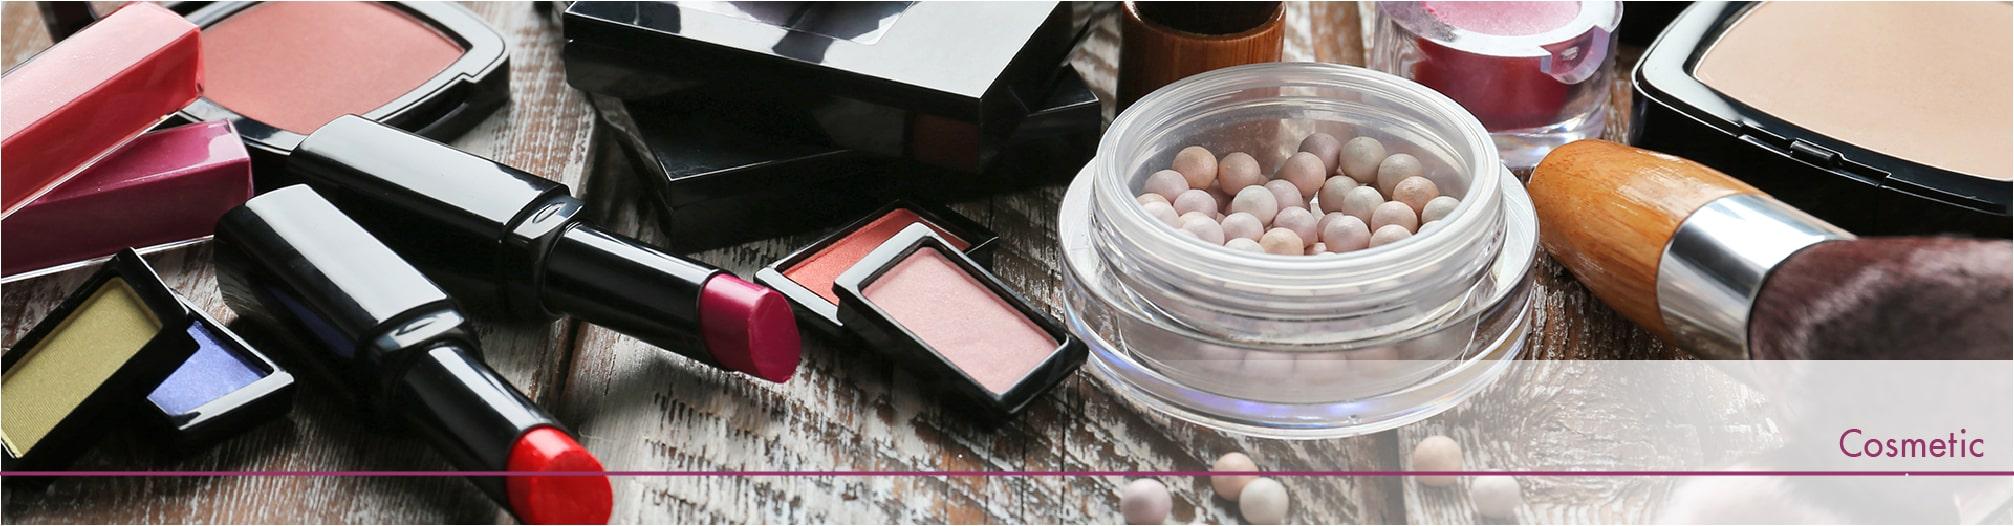 Cosmetic-01-min